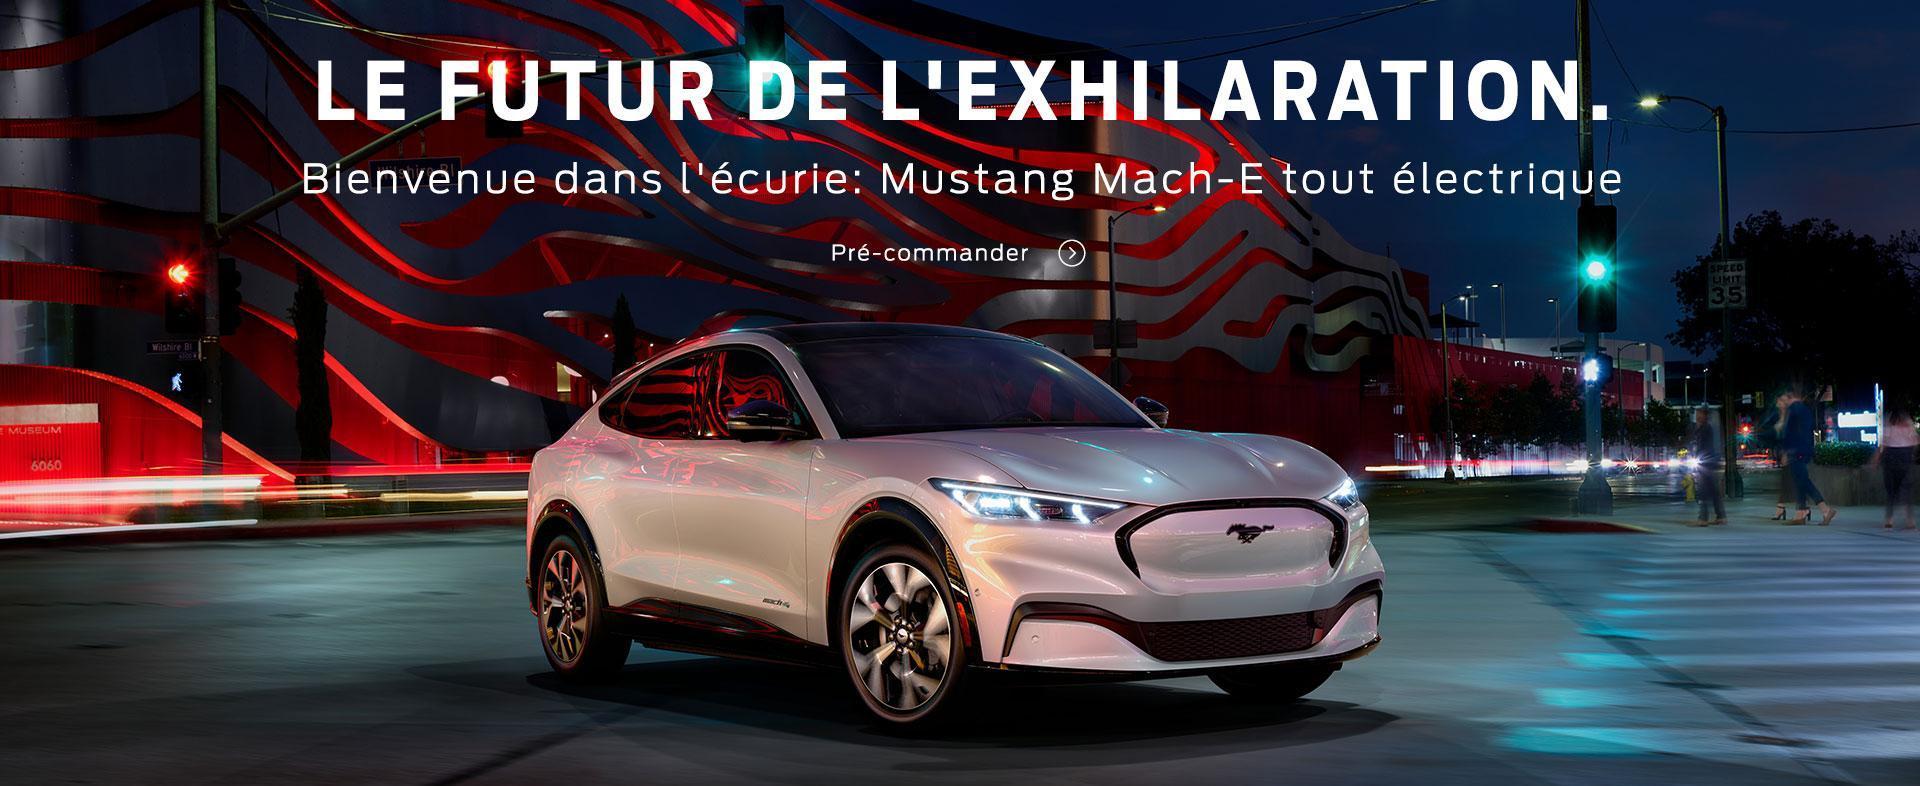 2021 Mustang Mach E